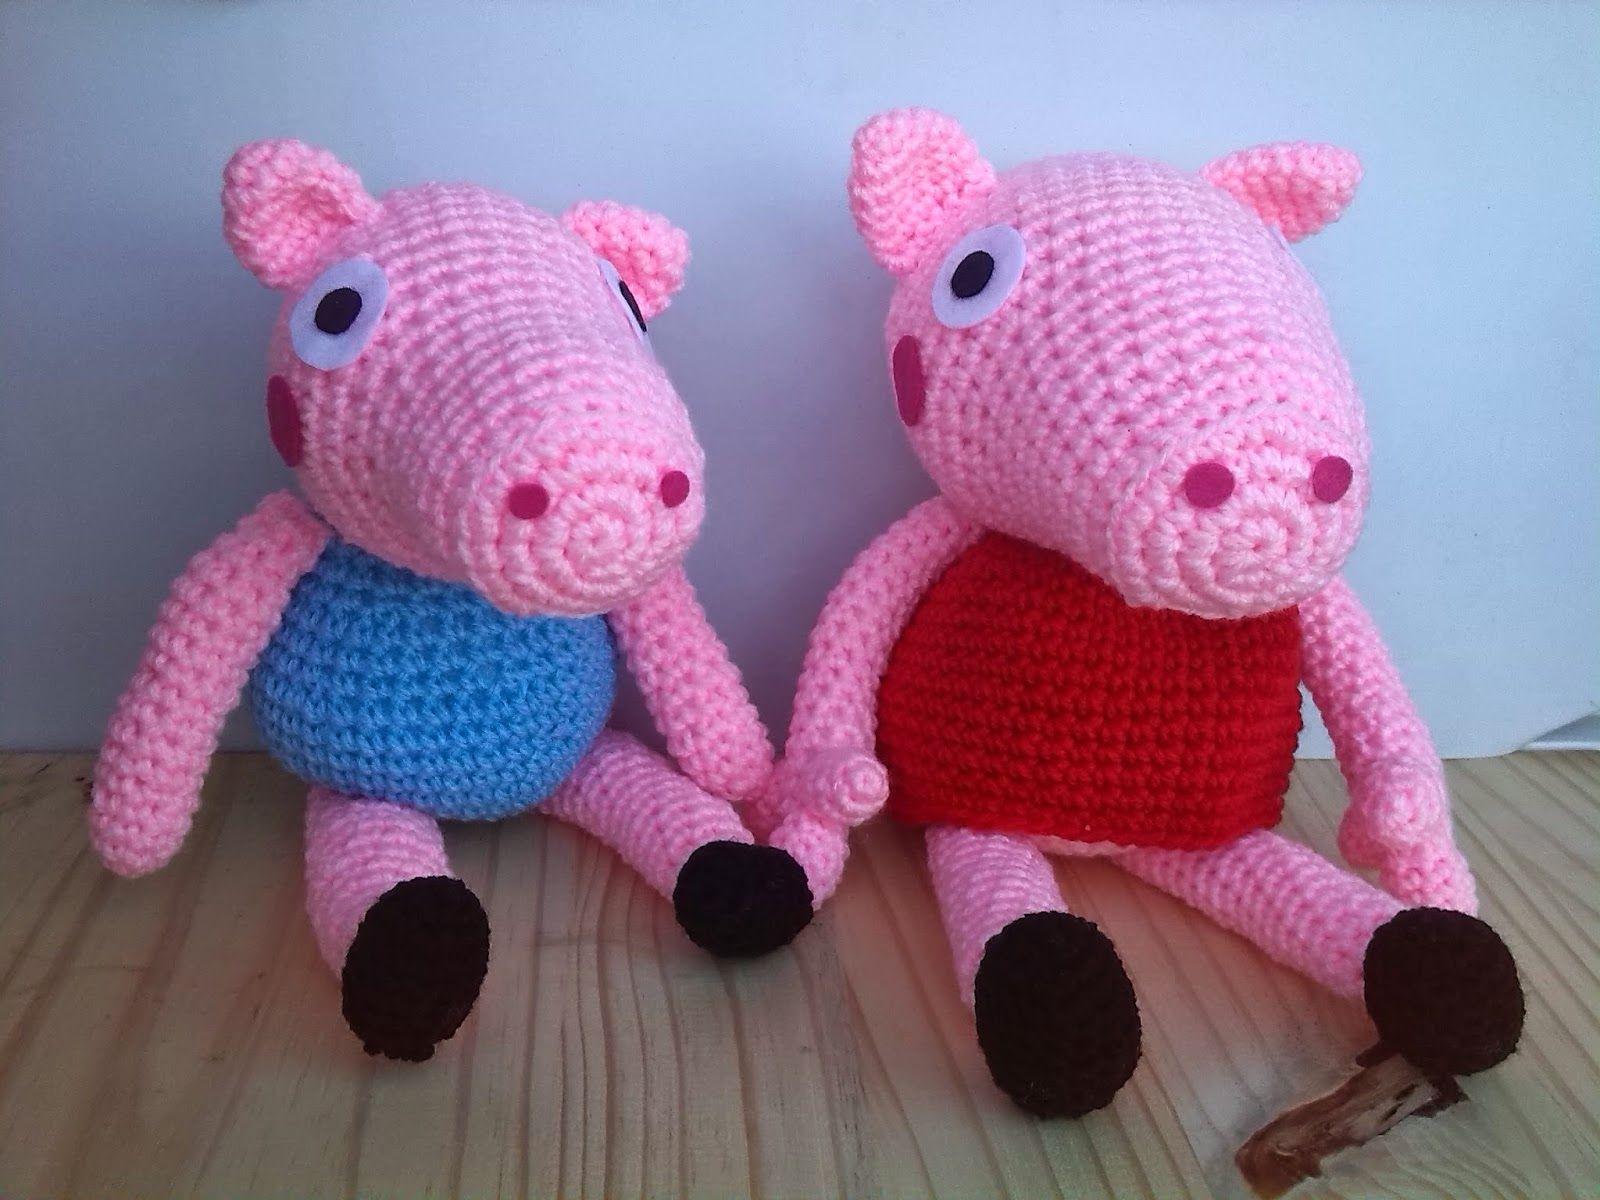 Amigurumi Crochet Personajes : Pin by janneth garcia on amigurumis personajes